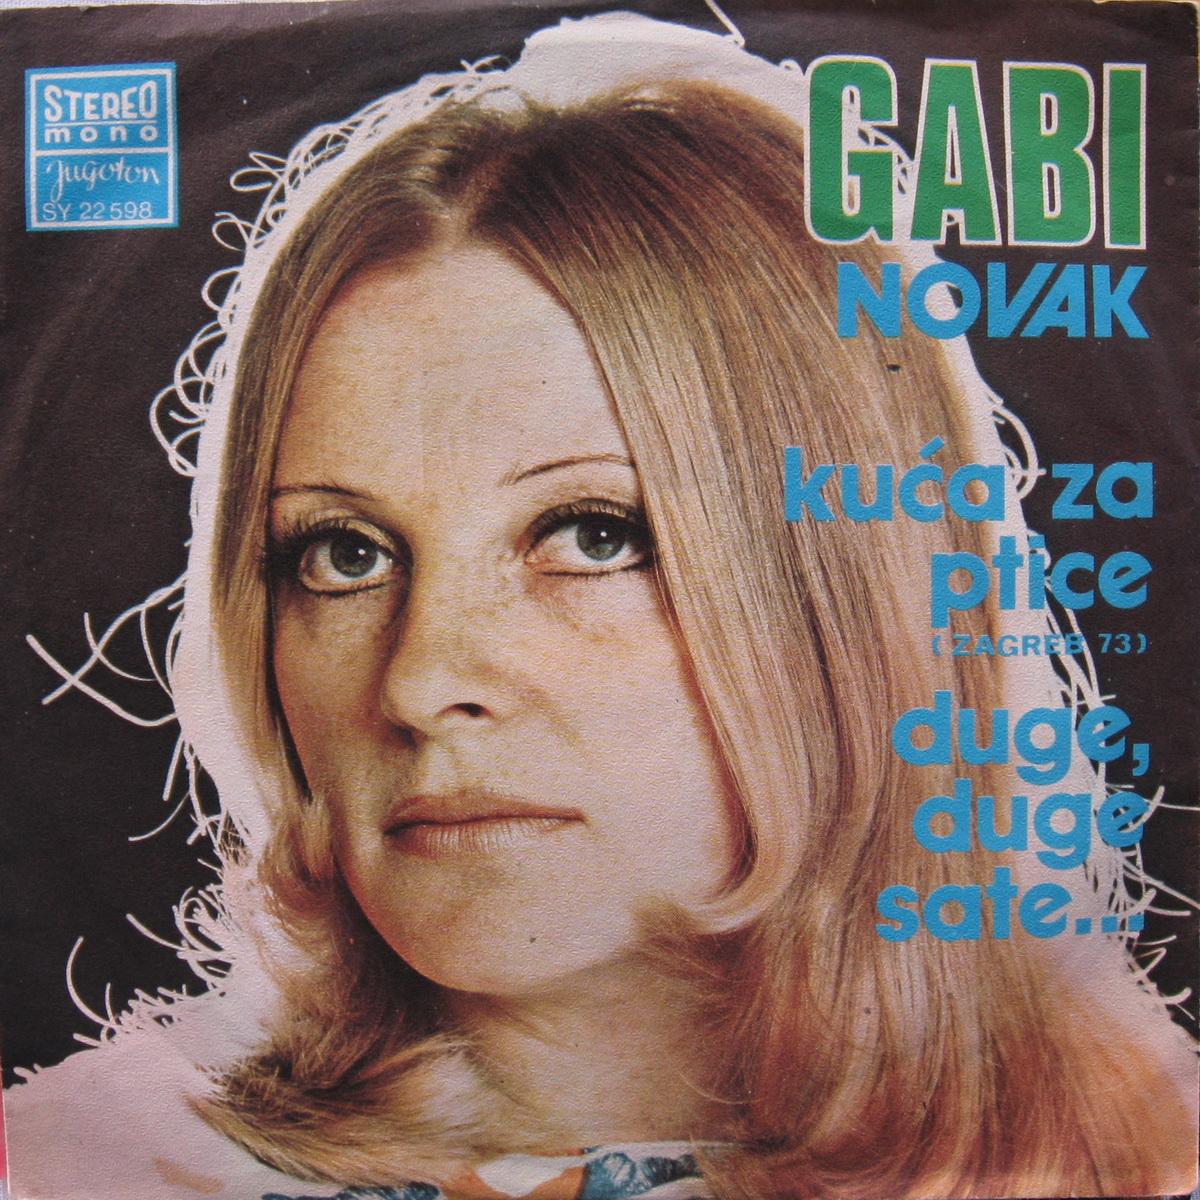 Gabi Novak 1974 Kuca za ptice a